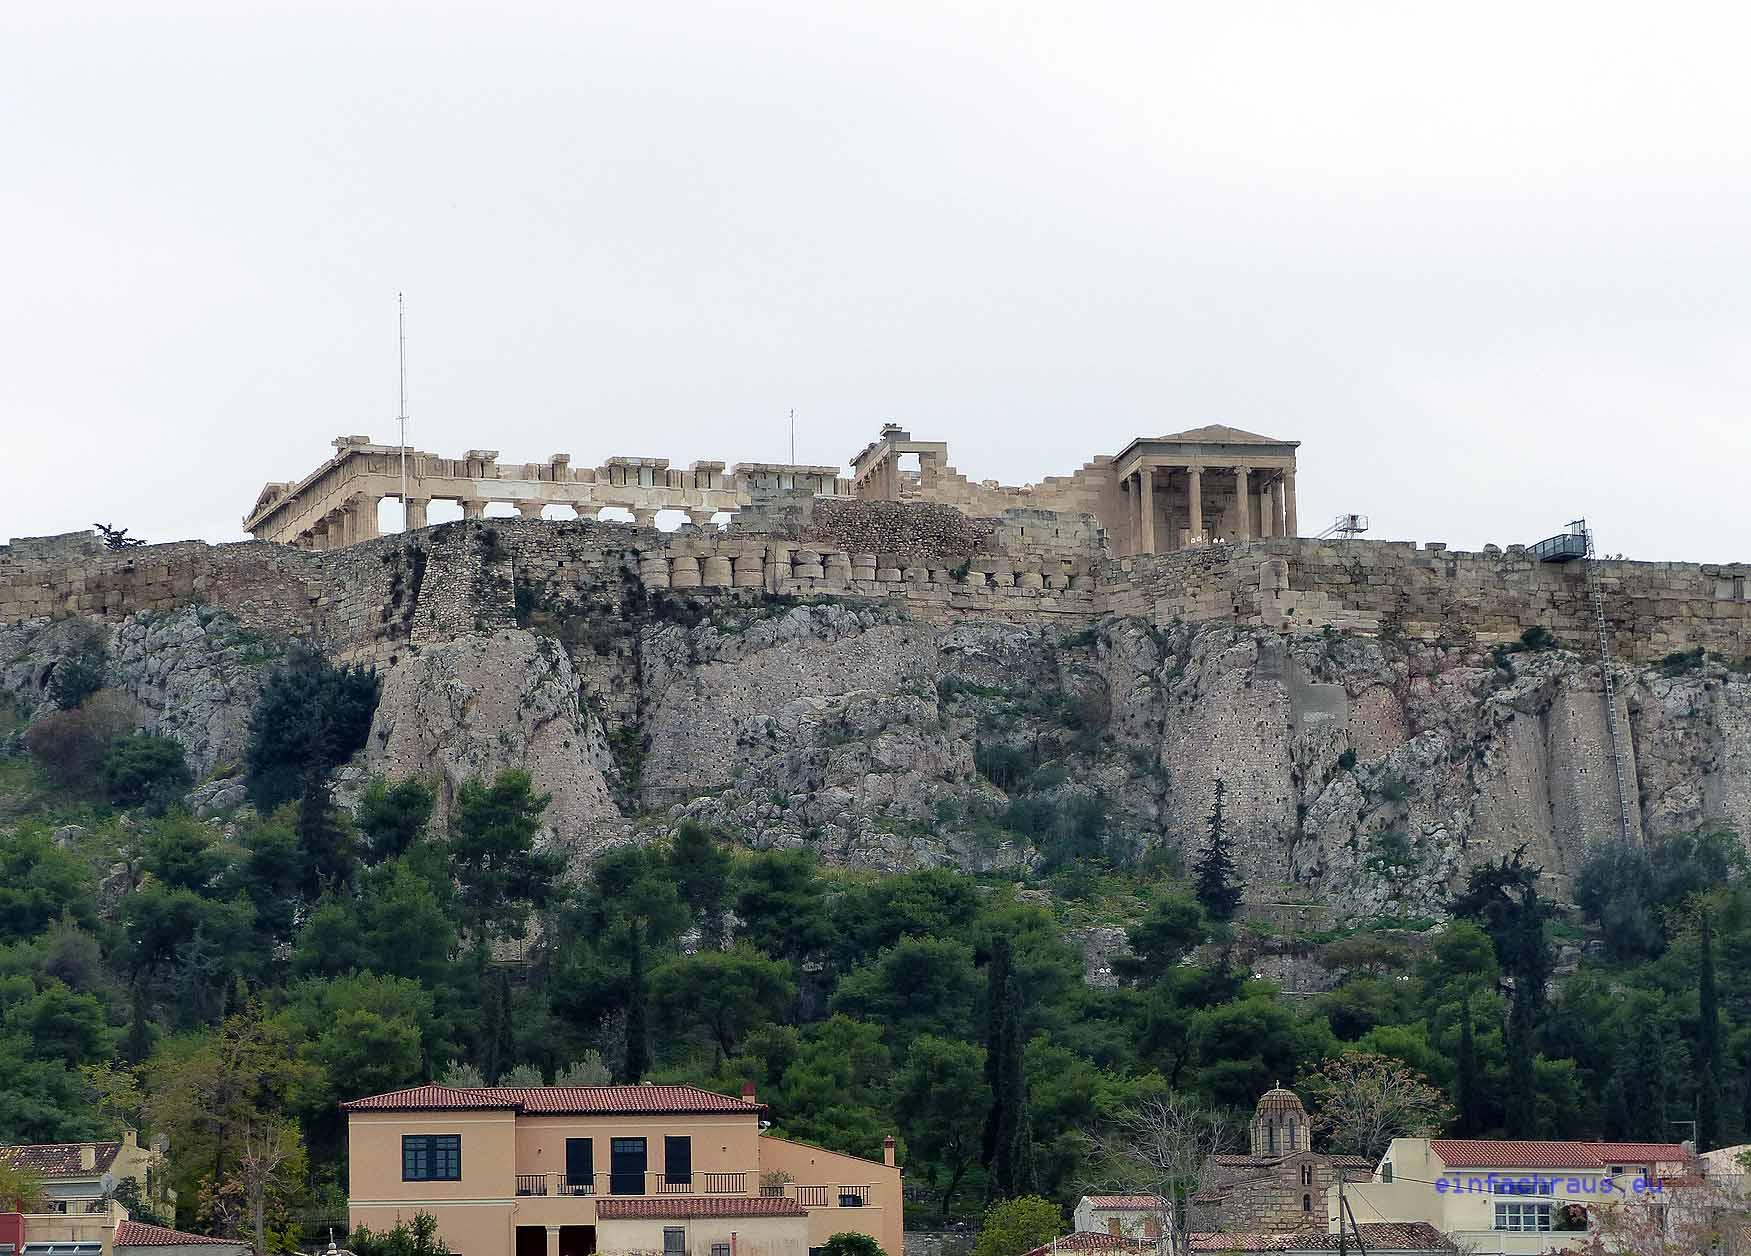 Nicht nur die Athener lieben den Blick auf die Akropolis. Foto: D.Weirauch